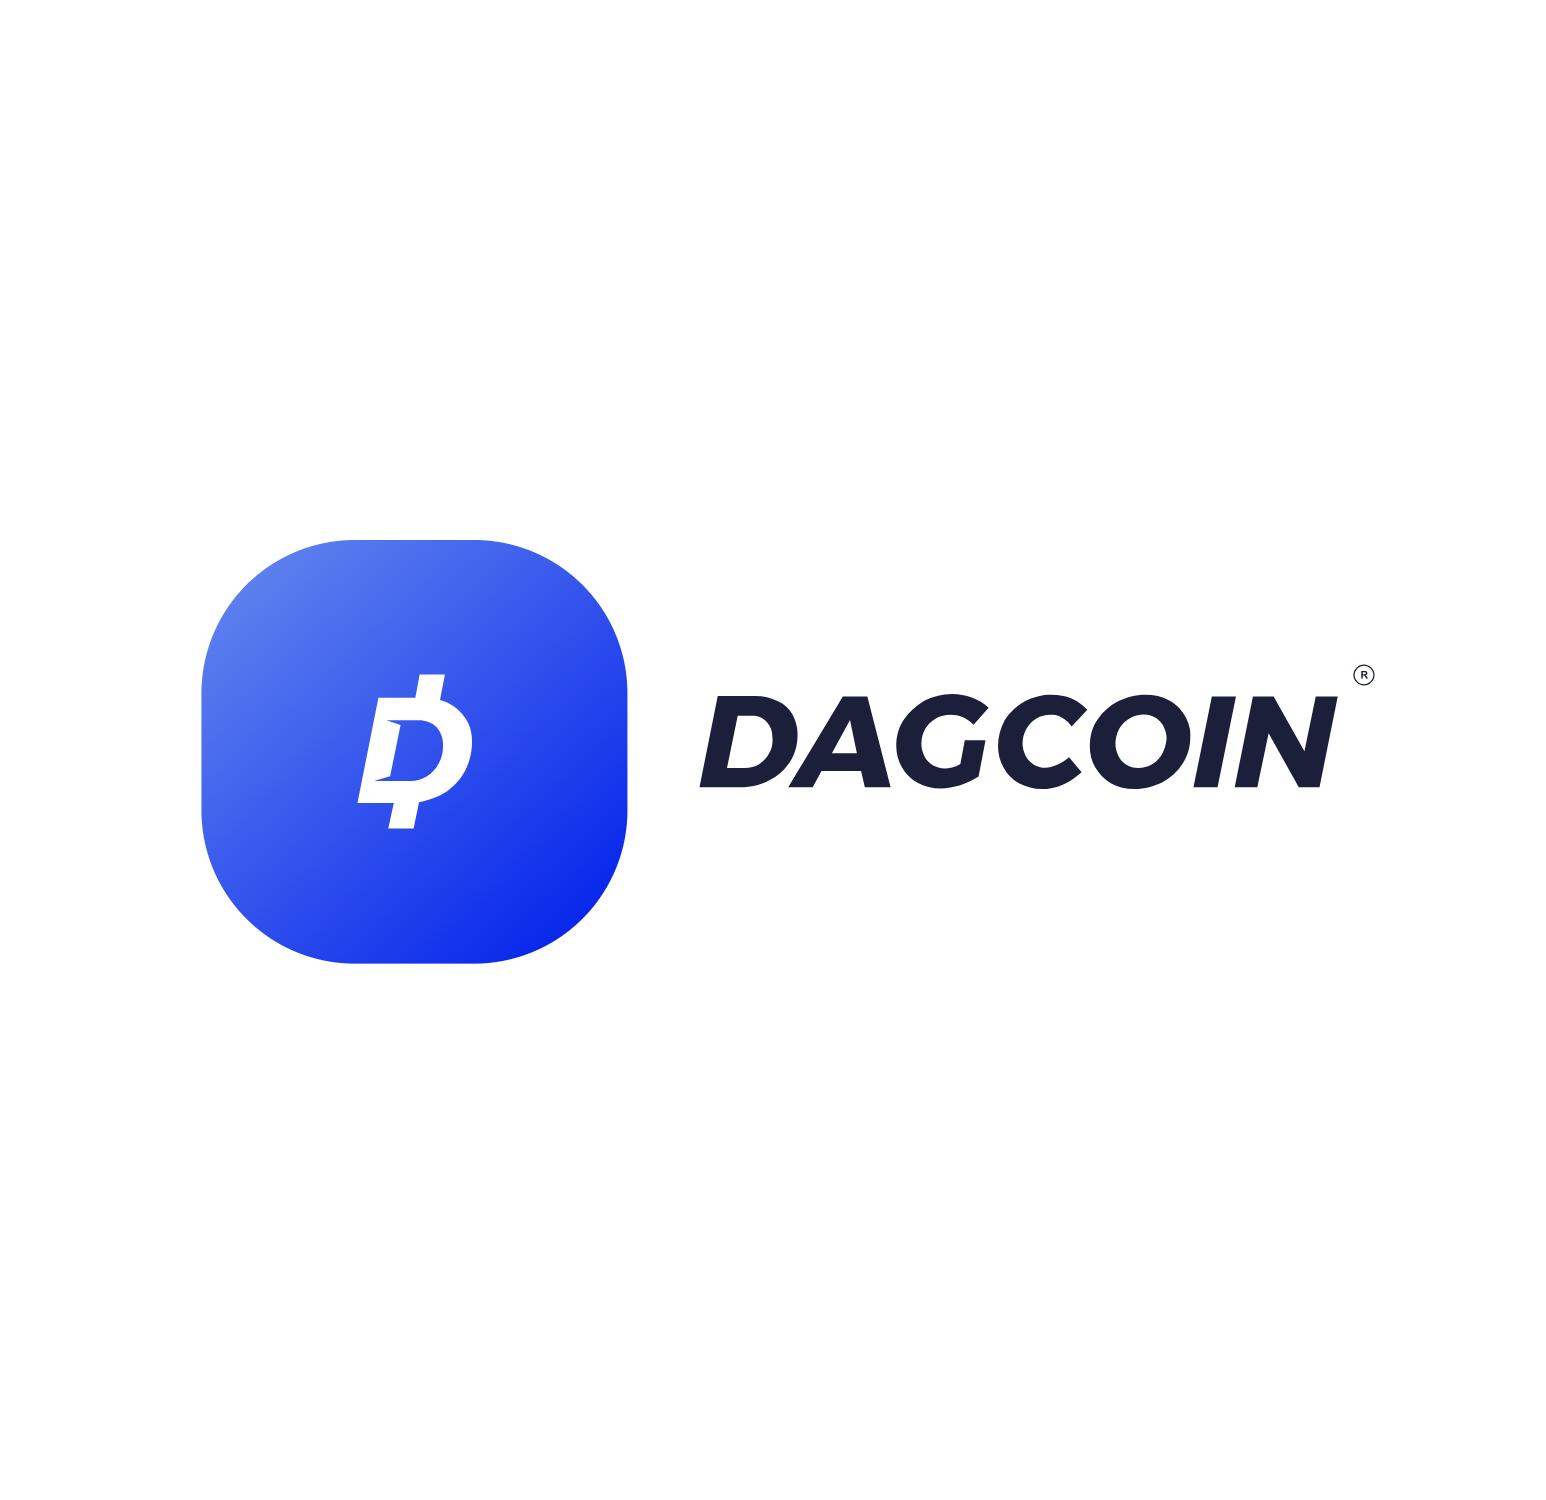 dagcoin.org